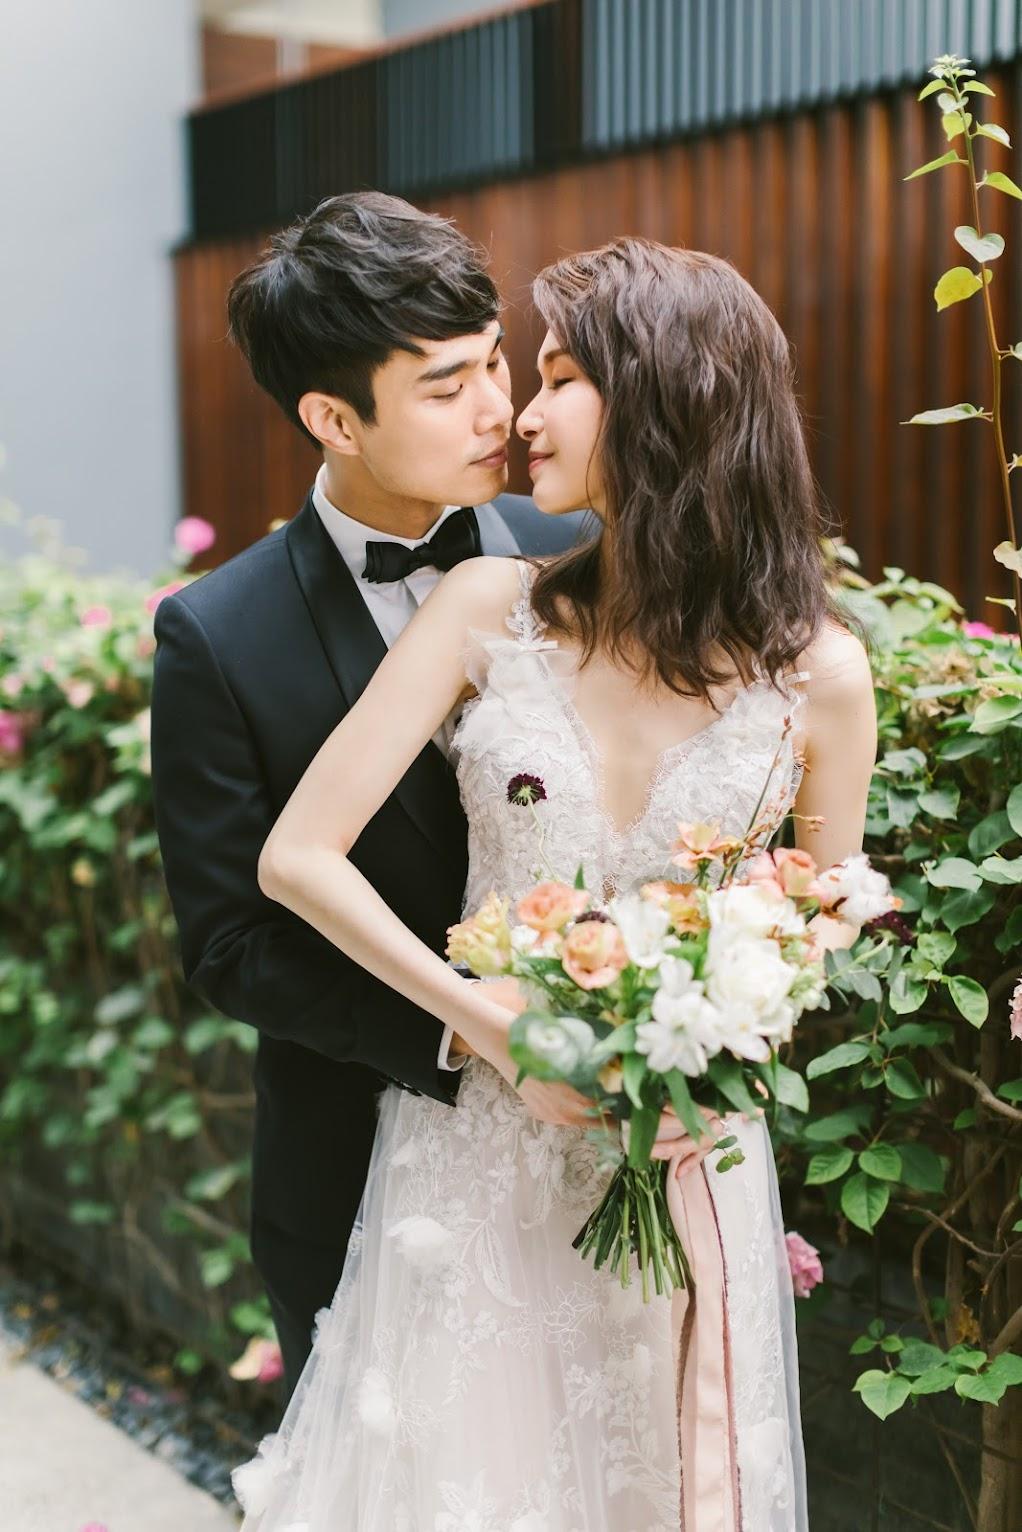 涵碧樓婚禮攝影 - 親吻